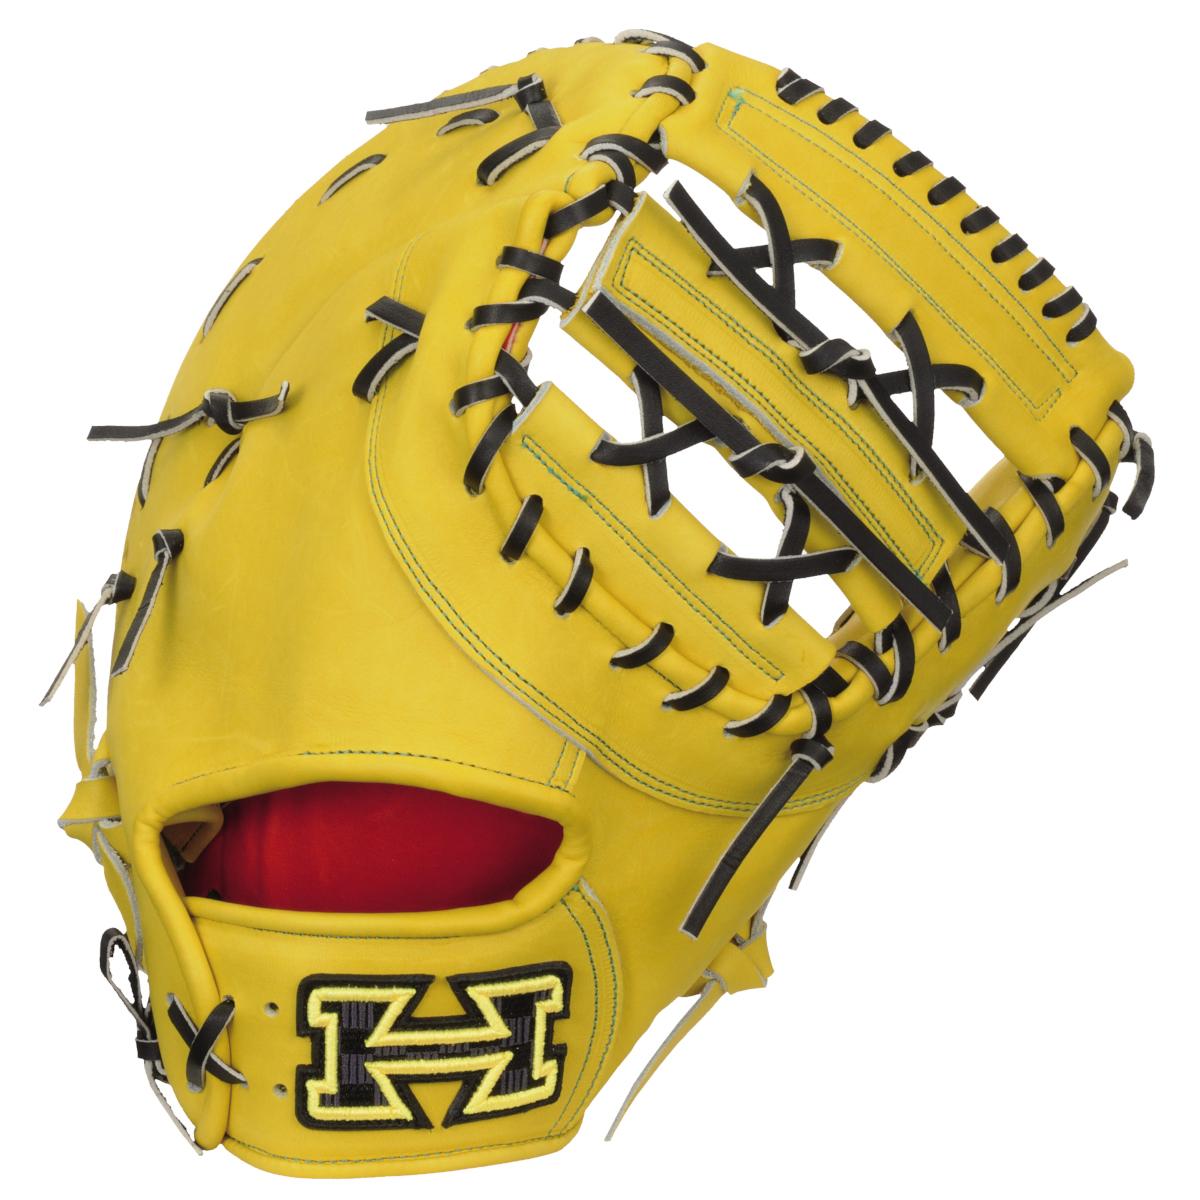 ハイゴールド 硬式野球ミットPAG DELUXE(デラックス)シリーズ 一塁手用グローブ オープンバック PAGイエロー×ブラック PAGF200 送料無料 2020年モデル